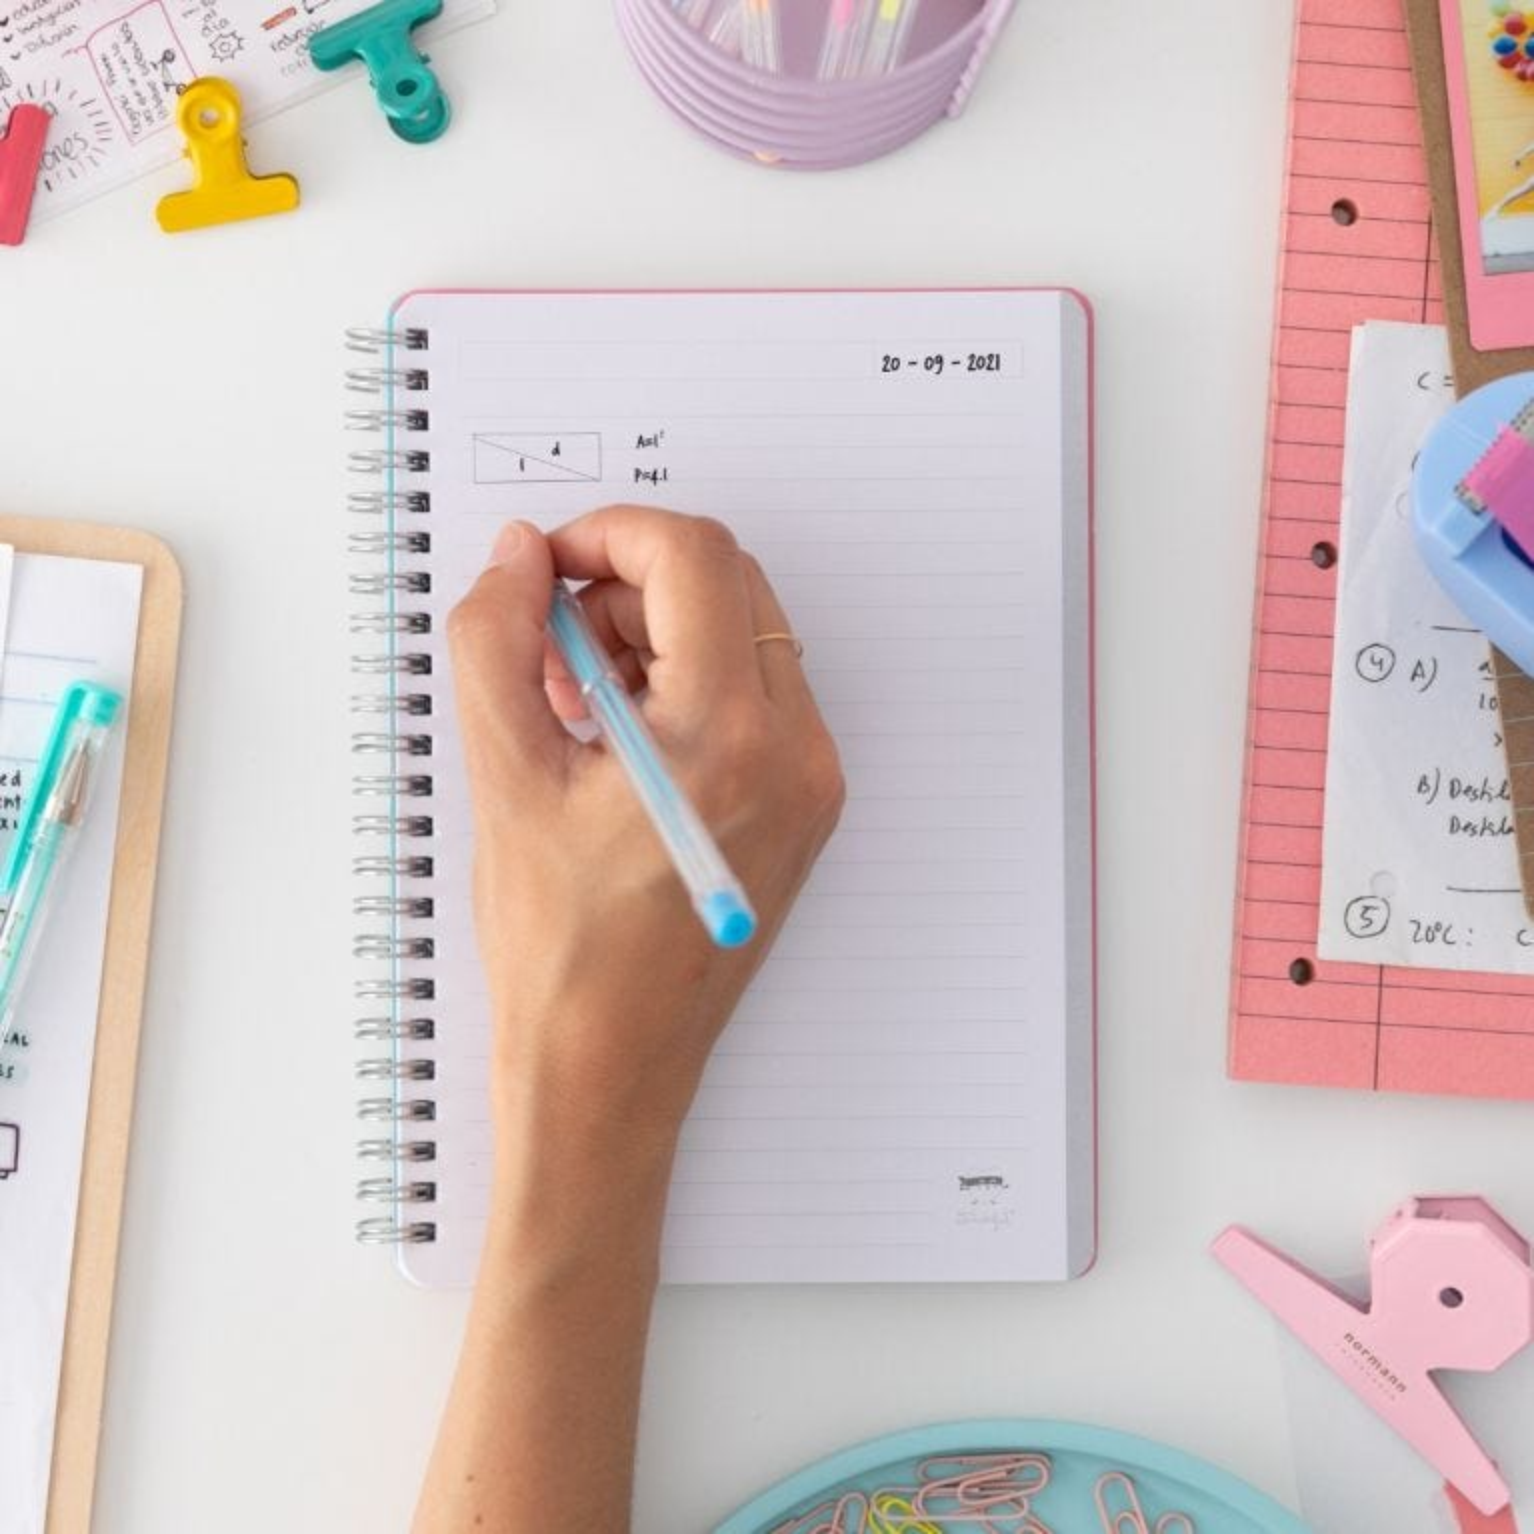 Caderno pequeno - Se o digo, consigo